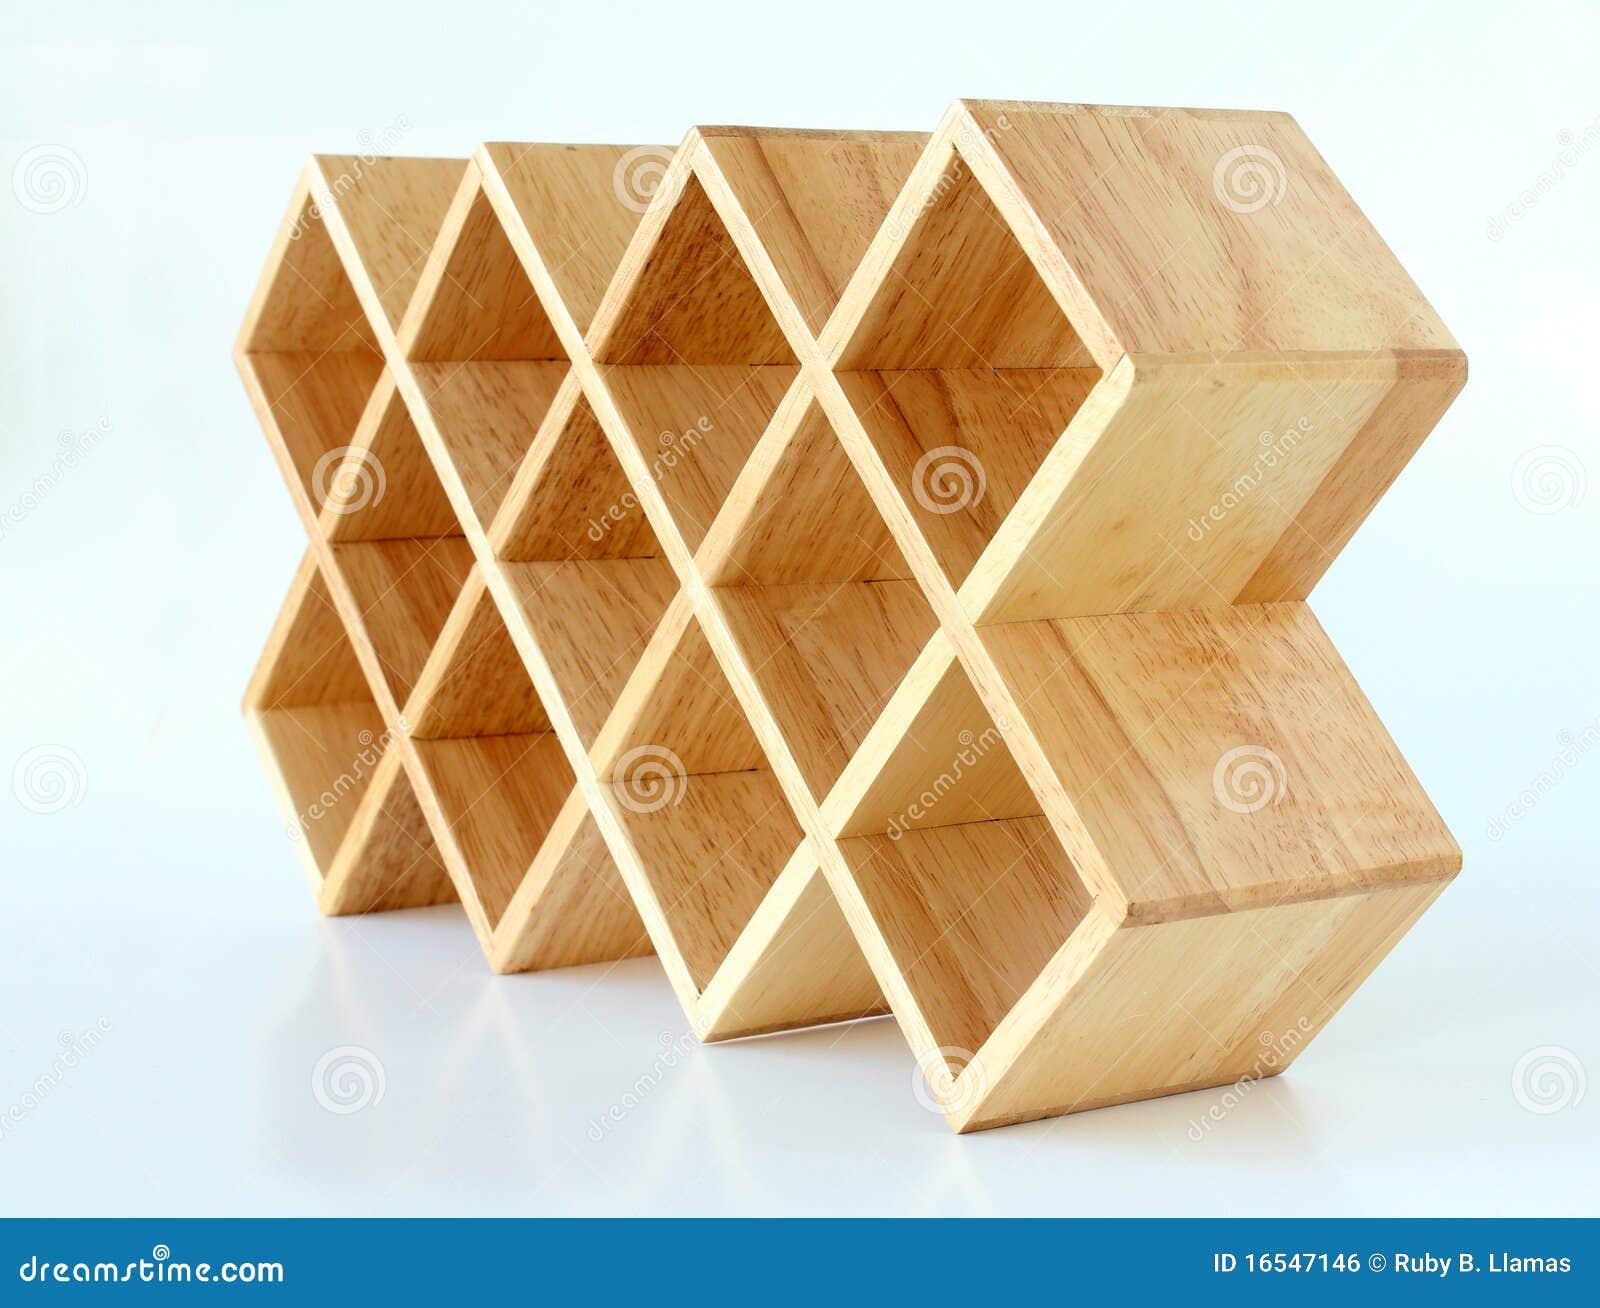 Wooden Wine Rack Lattice Plans PDF Plans